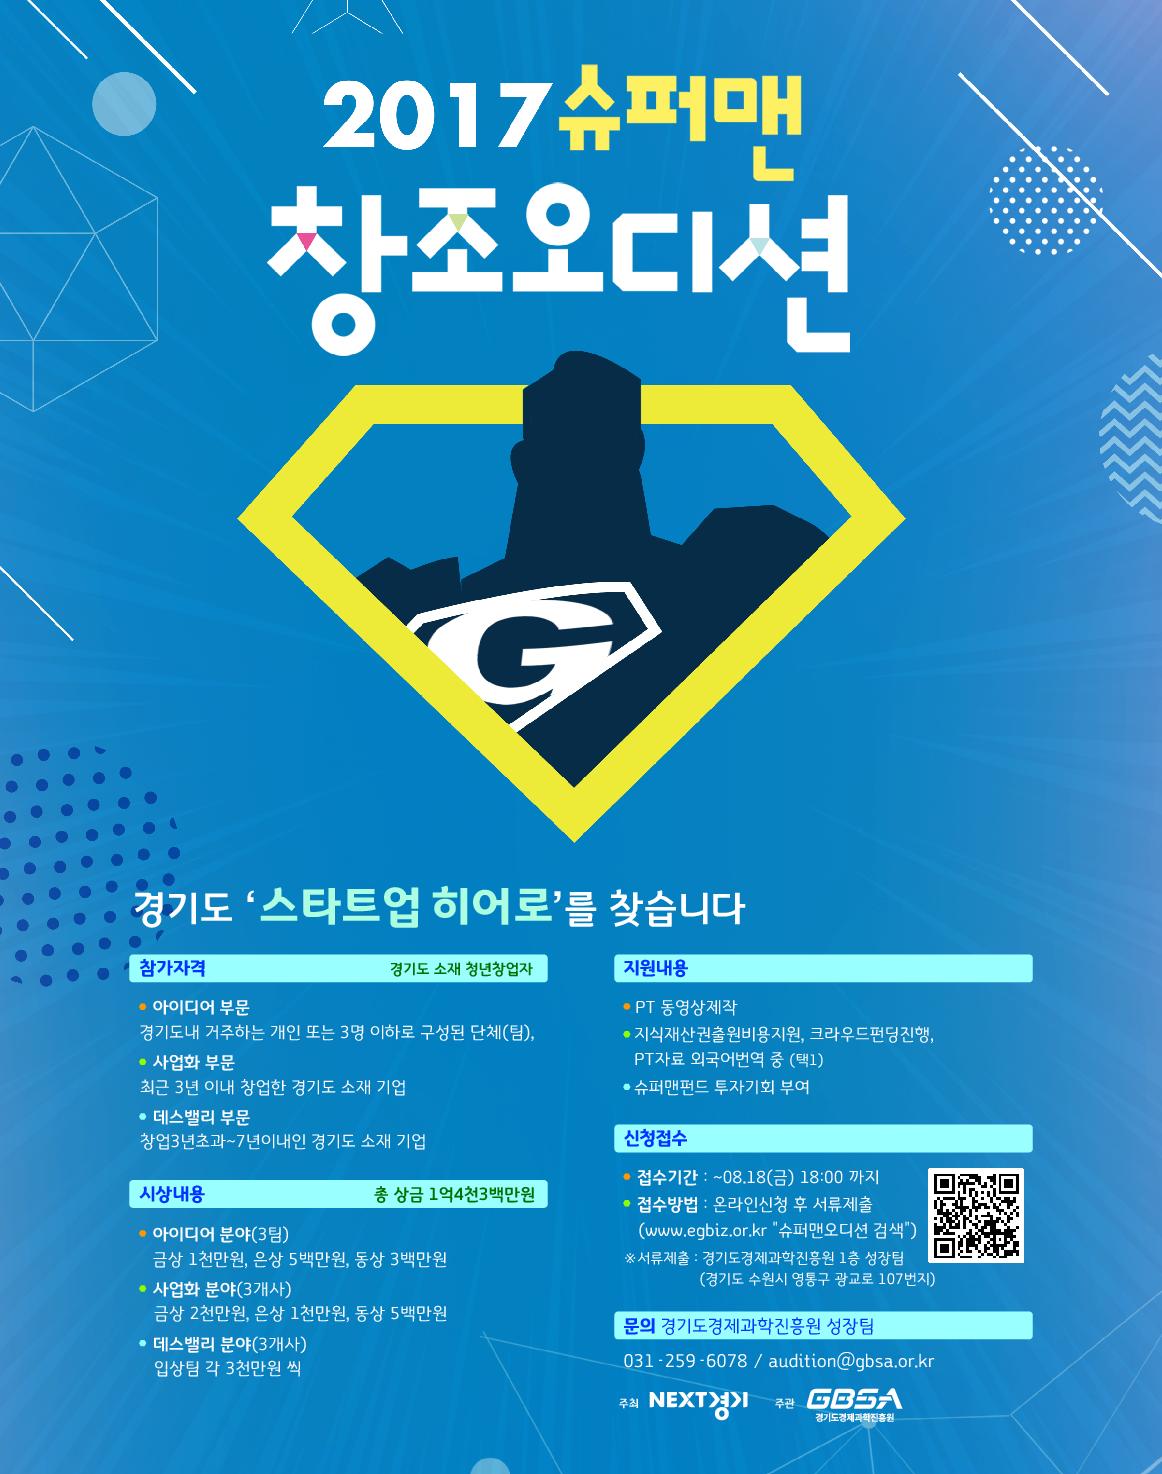 2017 슈퍼맨 창조오디션